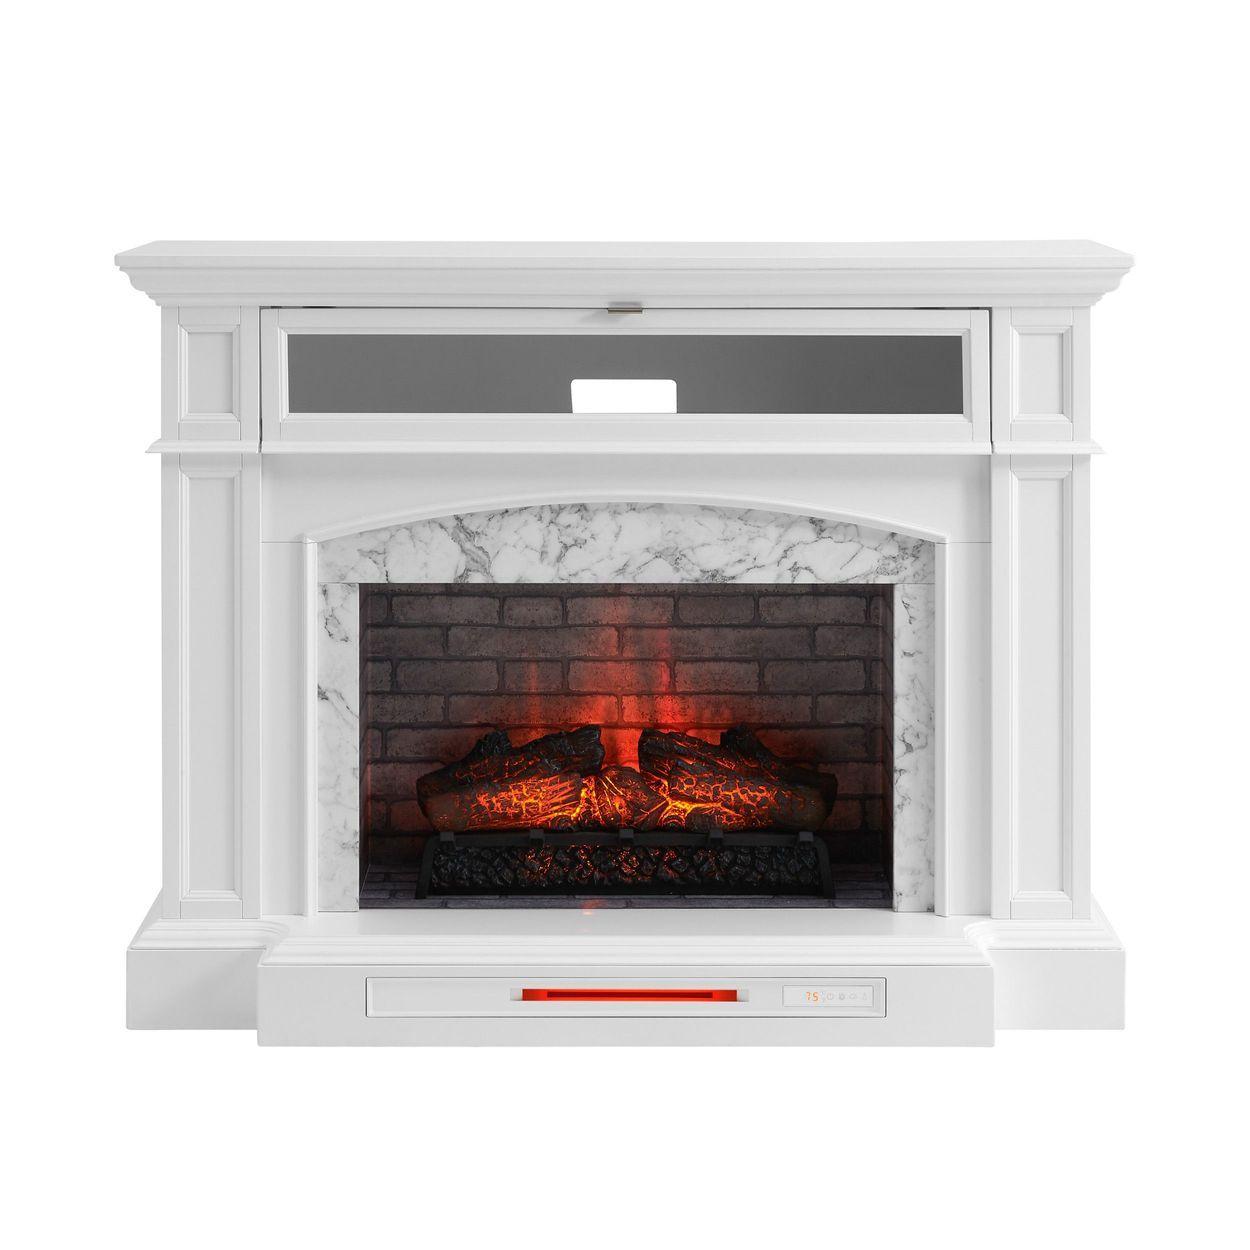 Allen Roth 52 5 In W White Infrared Quartz Electric Fireplace Lowes Com In 2020 Electric Fireplace Fireplace Allen Roth